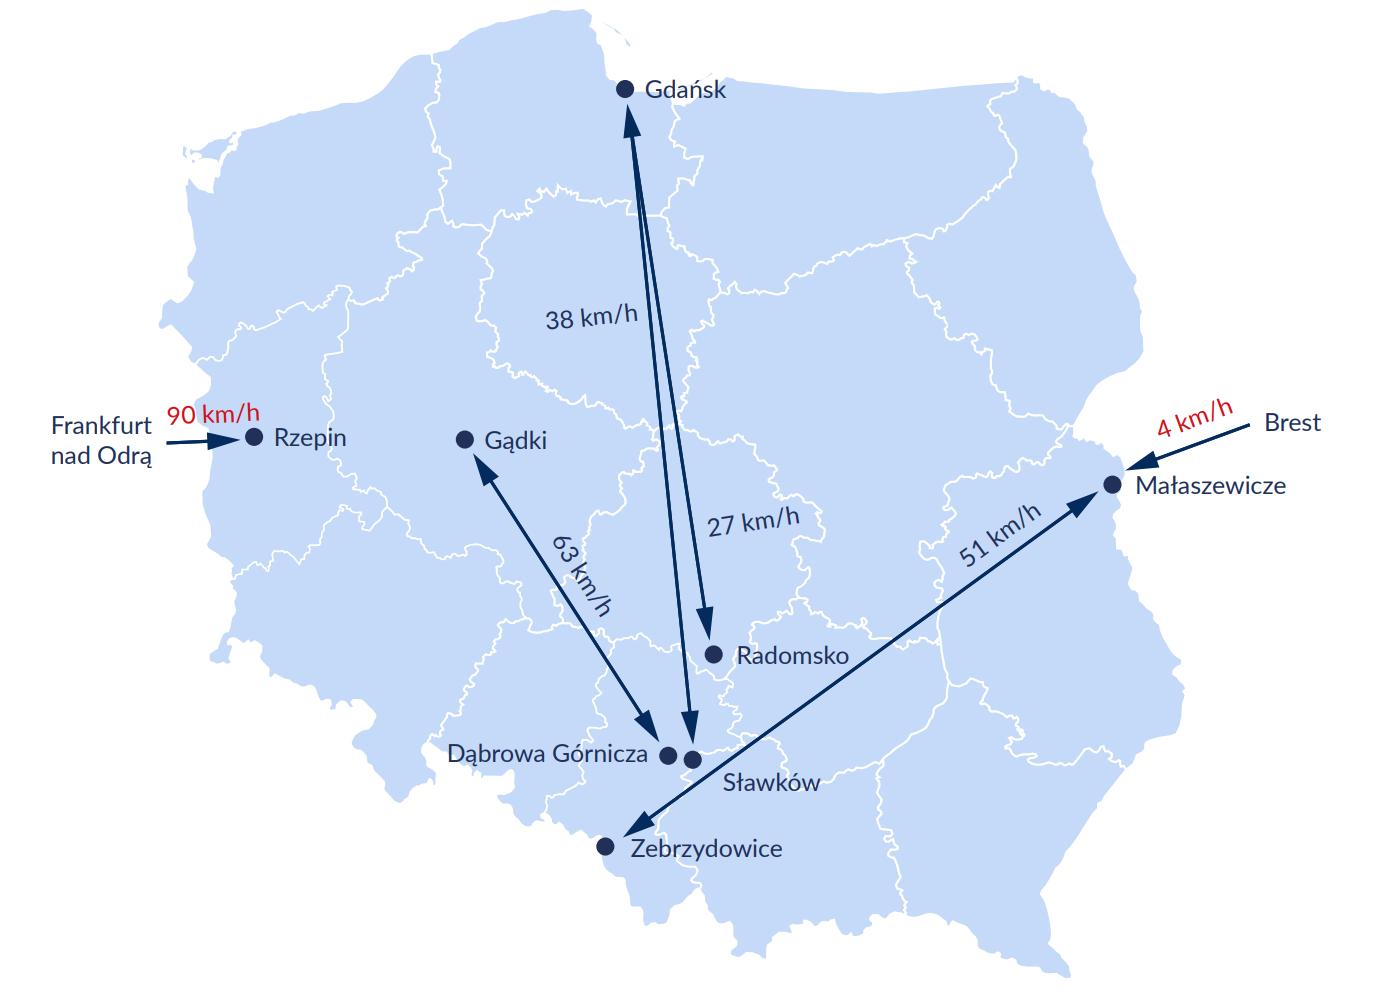 Объем перевозок грузов железнодорожным транспортом в Польше снизился из-за пандемии 3